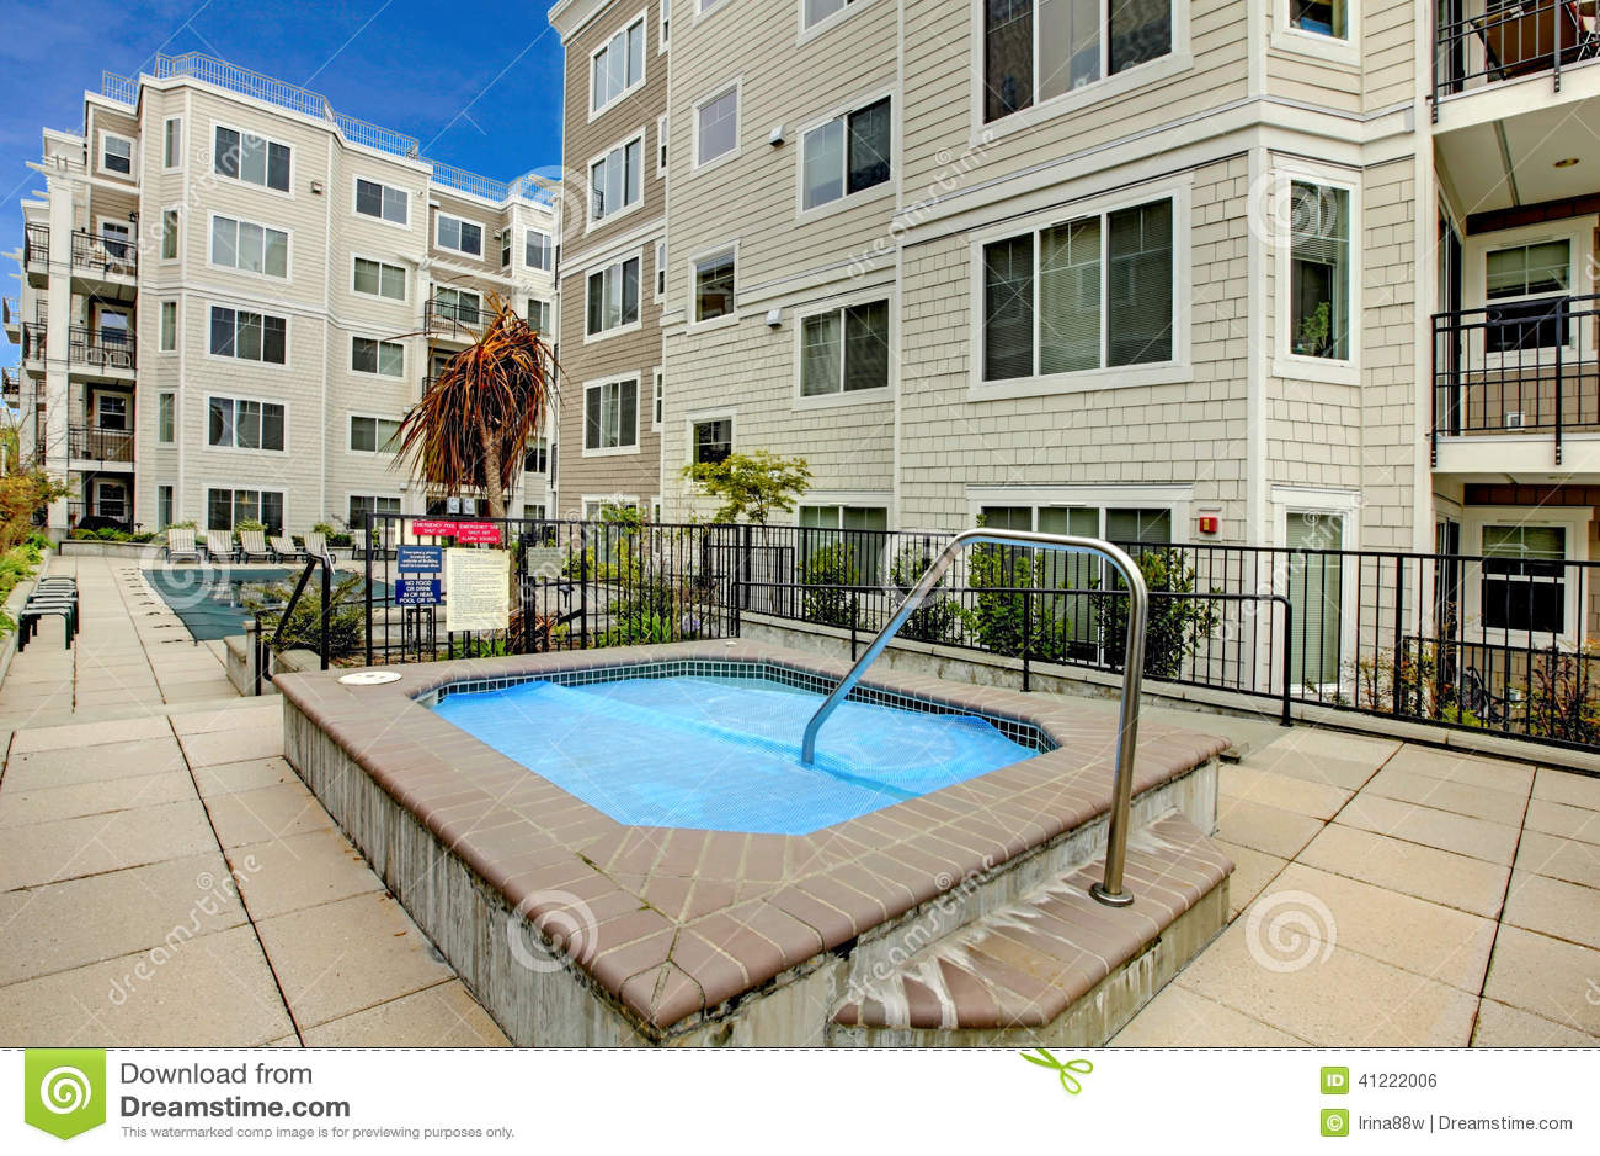 Zwembad Op Balkon : Woningbouw met zwembad en jacuzzi stock foto afbeelding